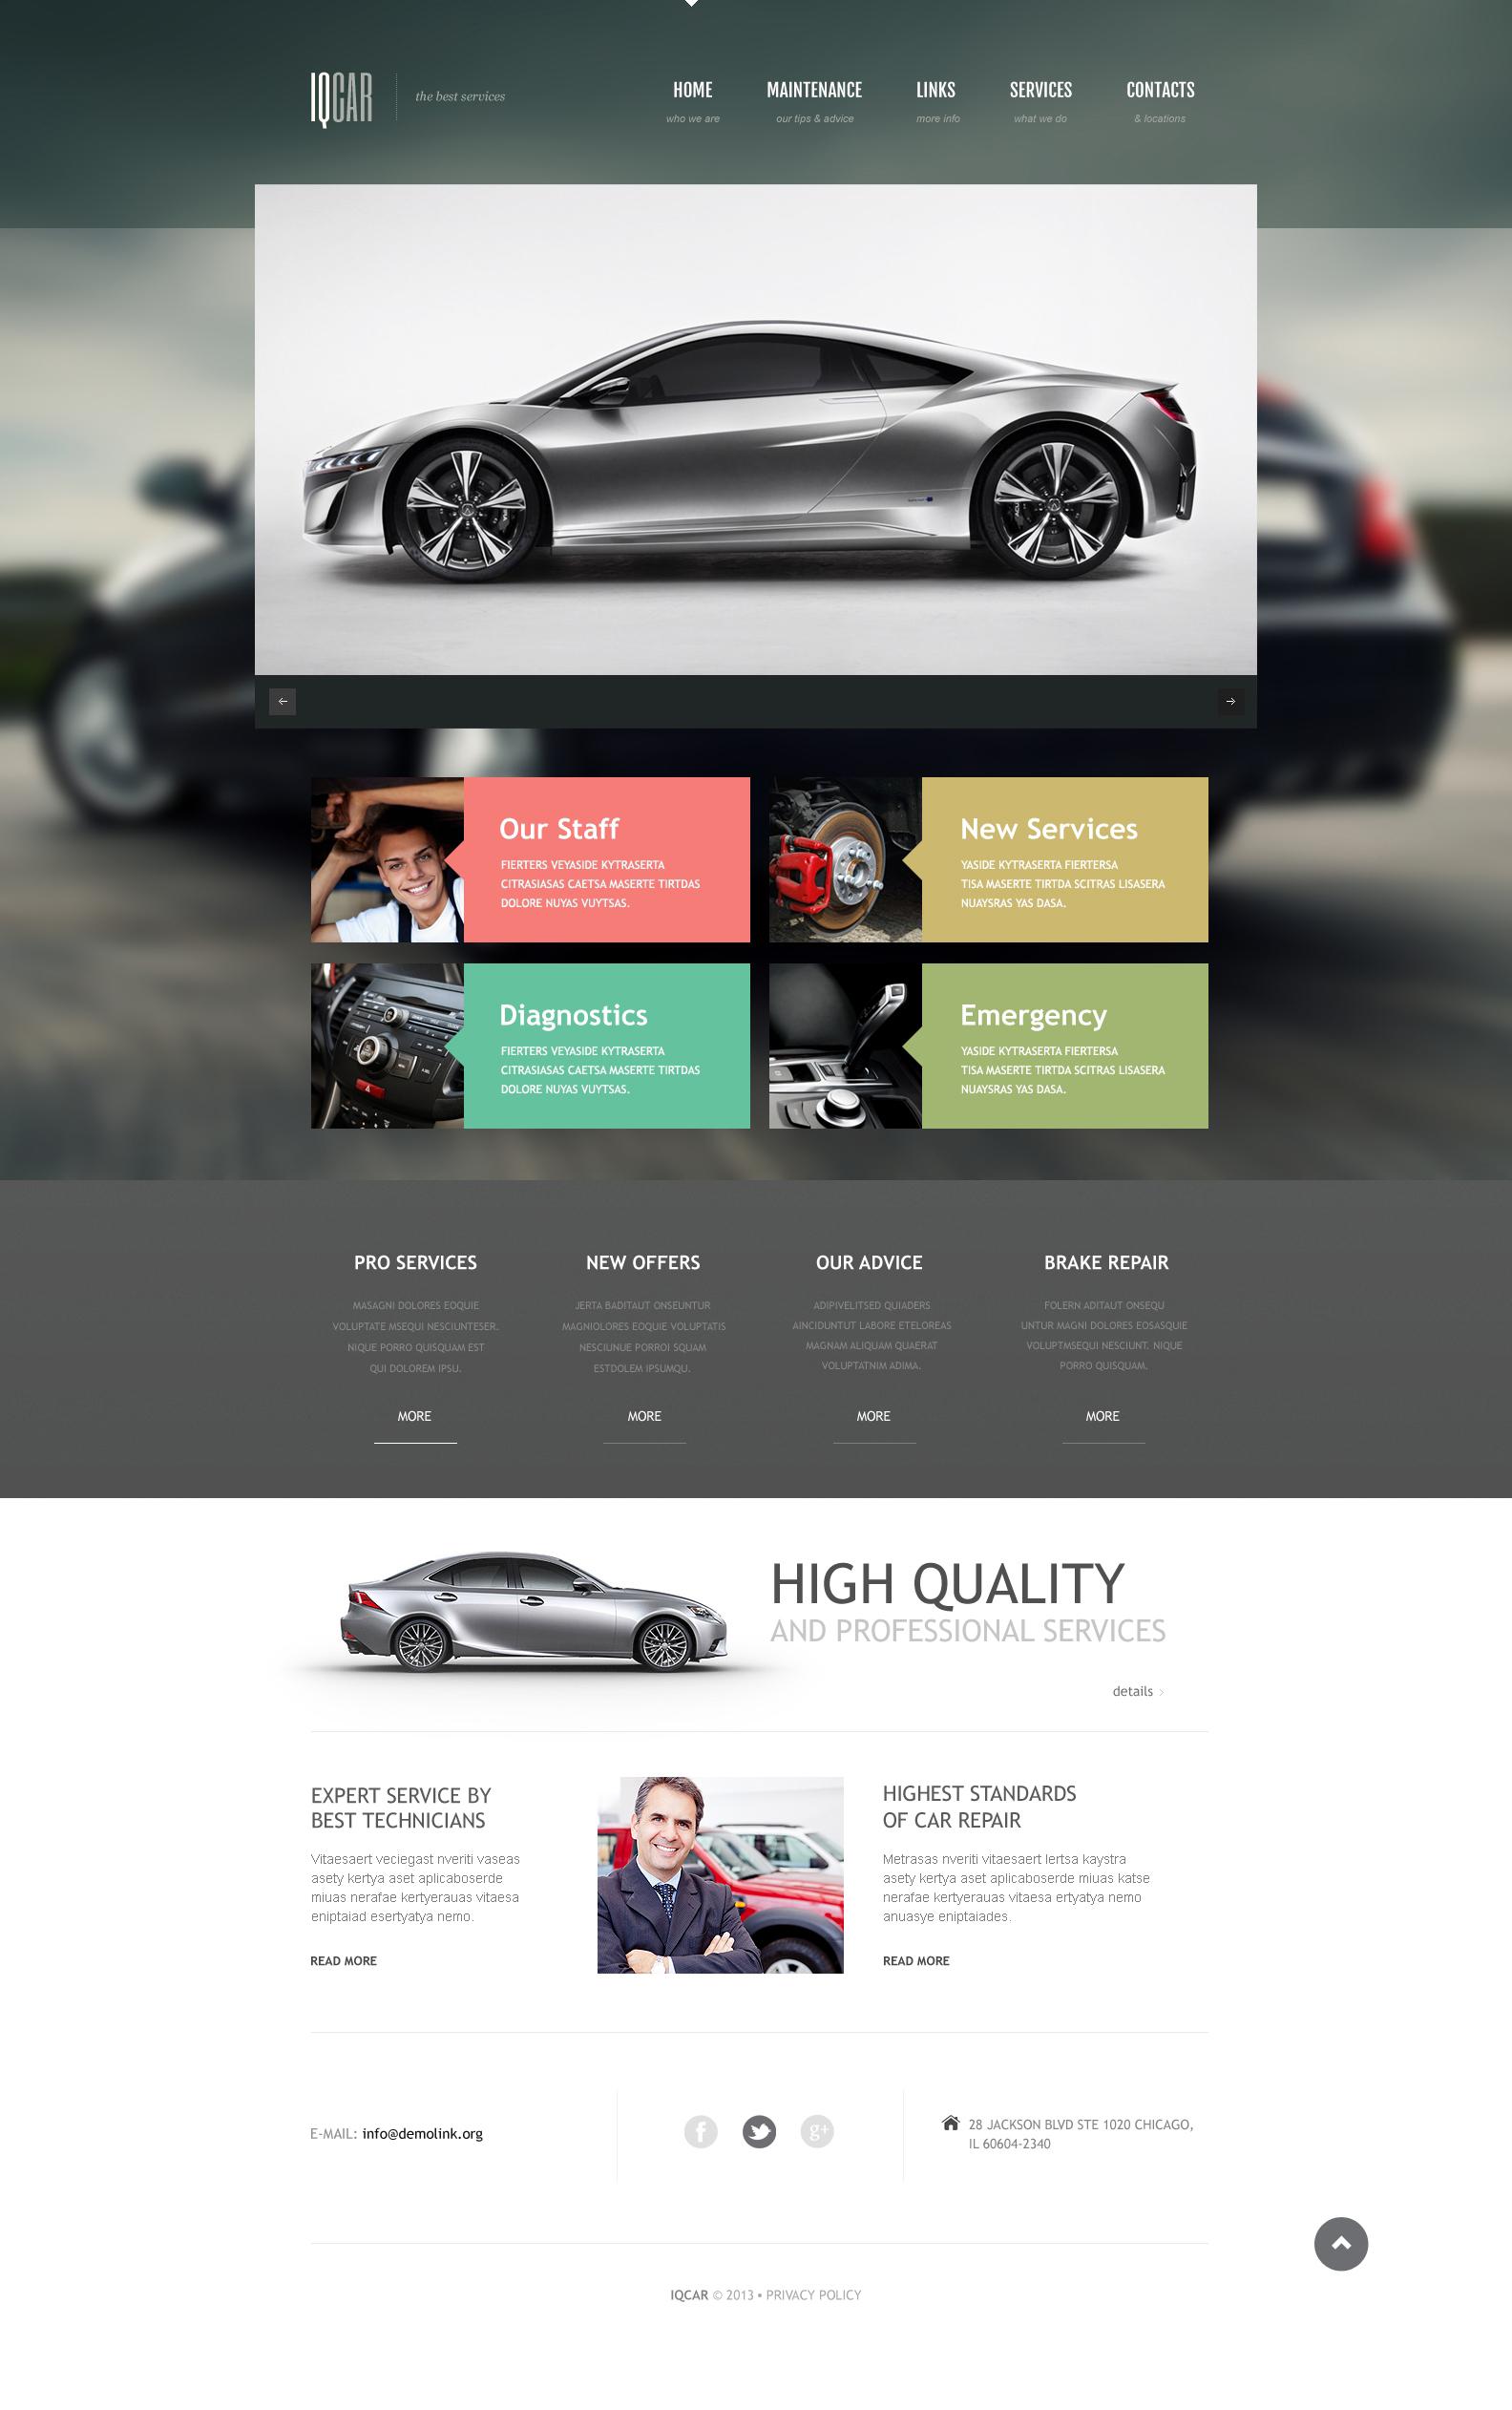 Plantilla Web Responsive para Sitio de Reparación de coches #46252 - captura de pantalla